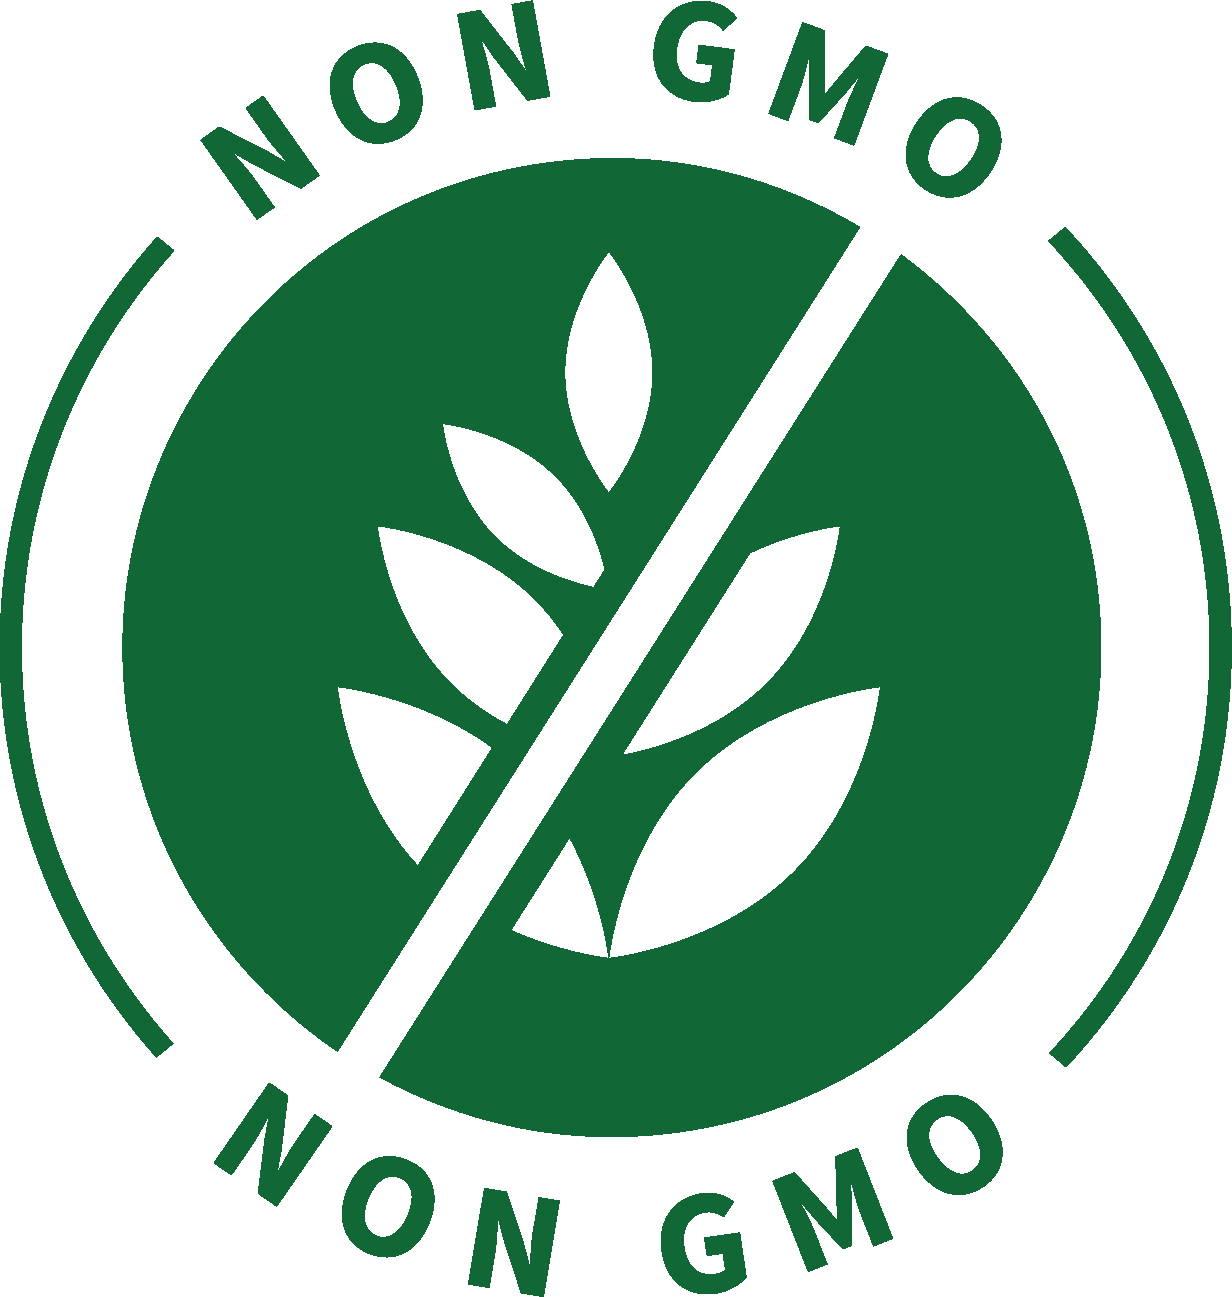 Non gmo ingredients icon